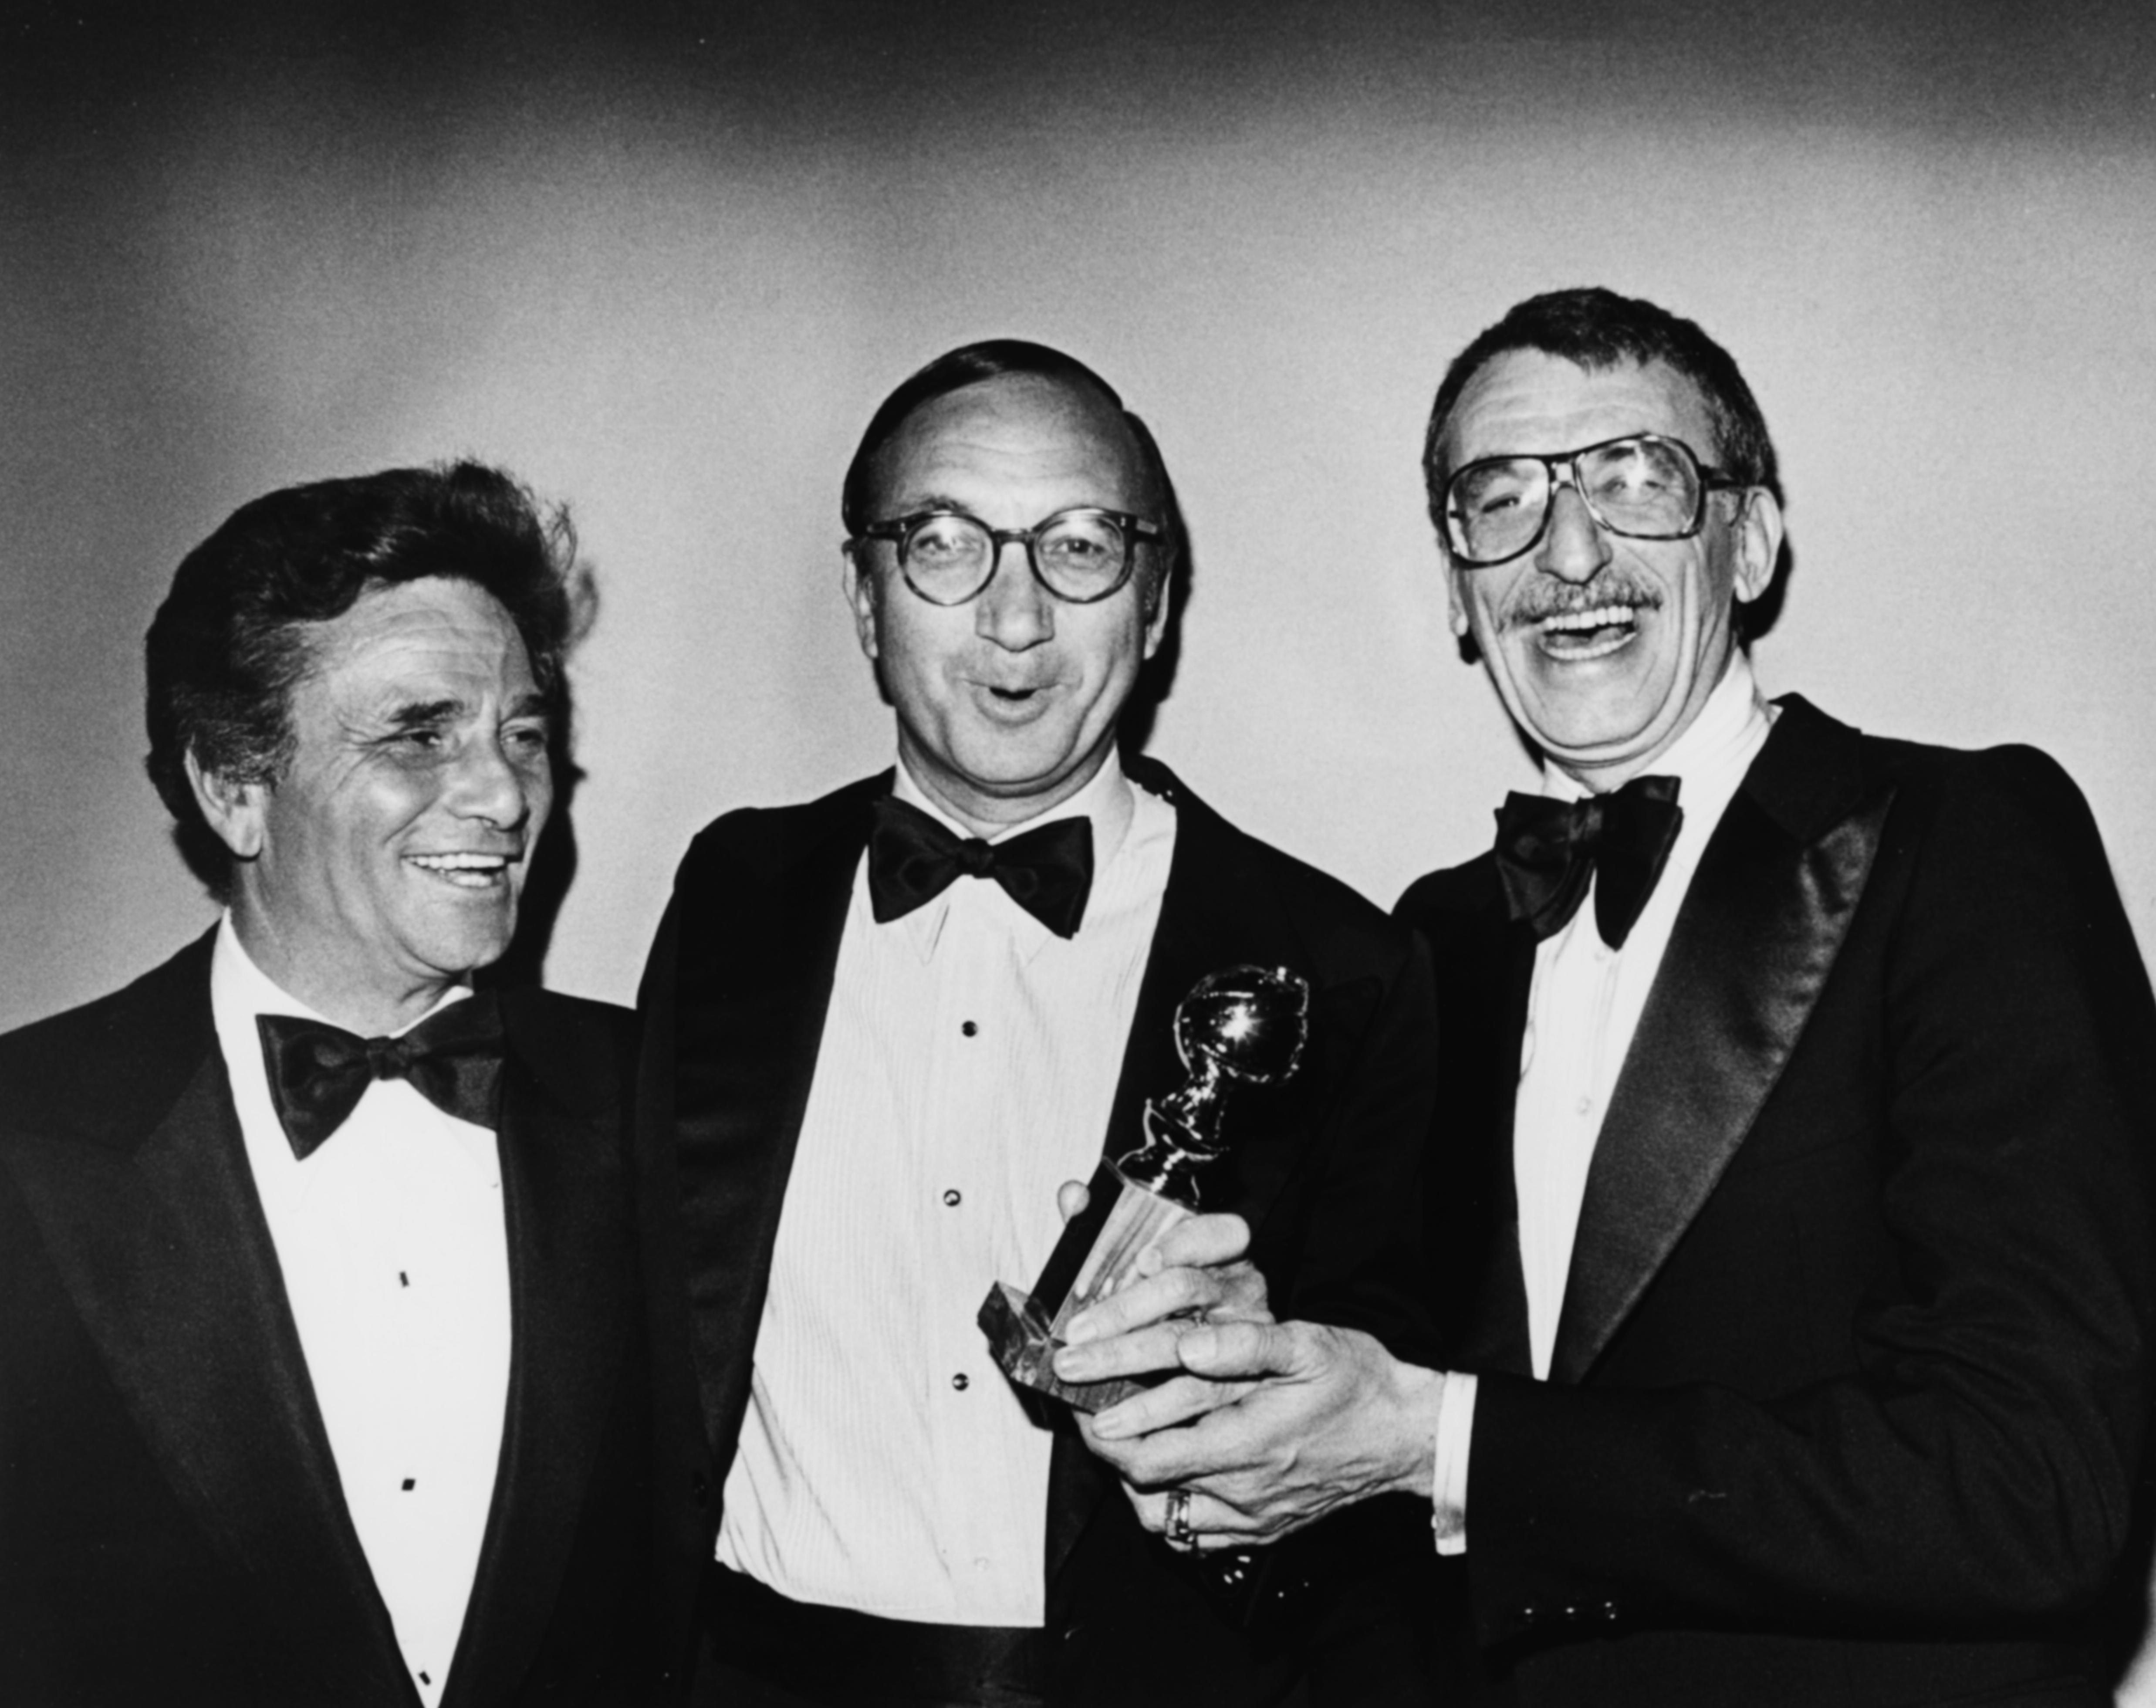 Peter Falk, Herbert Ross, and Neil Simon